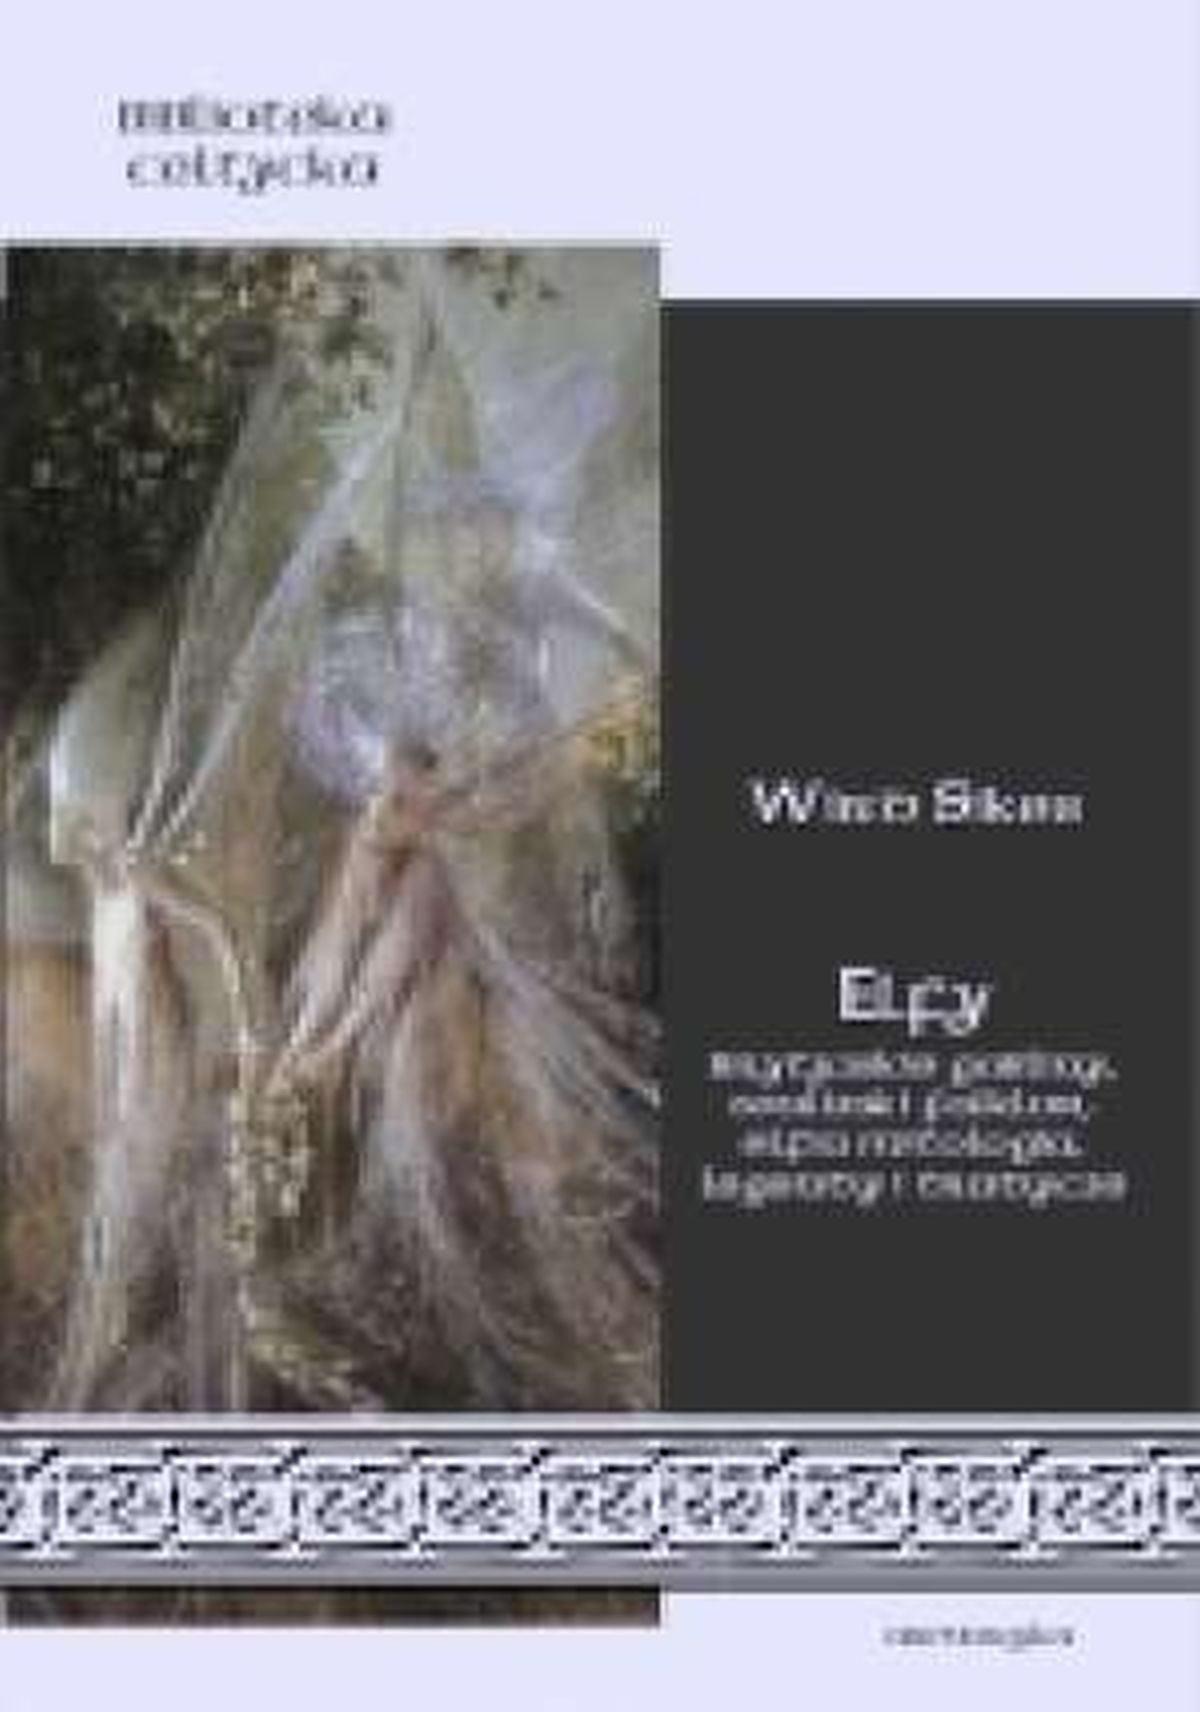 Elfy. Brytyjskie gobliny, walijski folklor, elfia mitologia, legendy i tradycje. Seria: Biblioteka celtycka